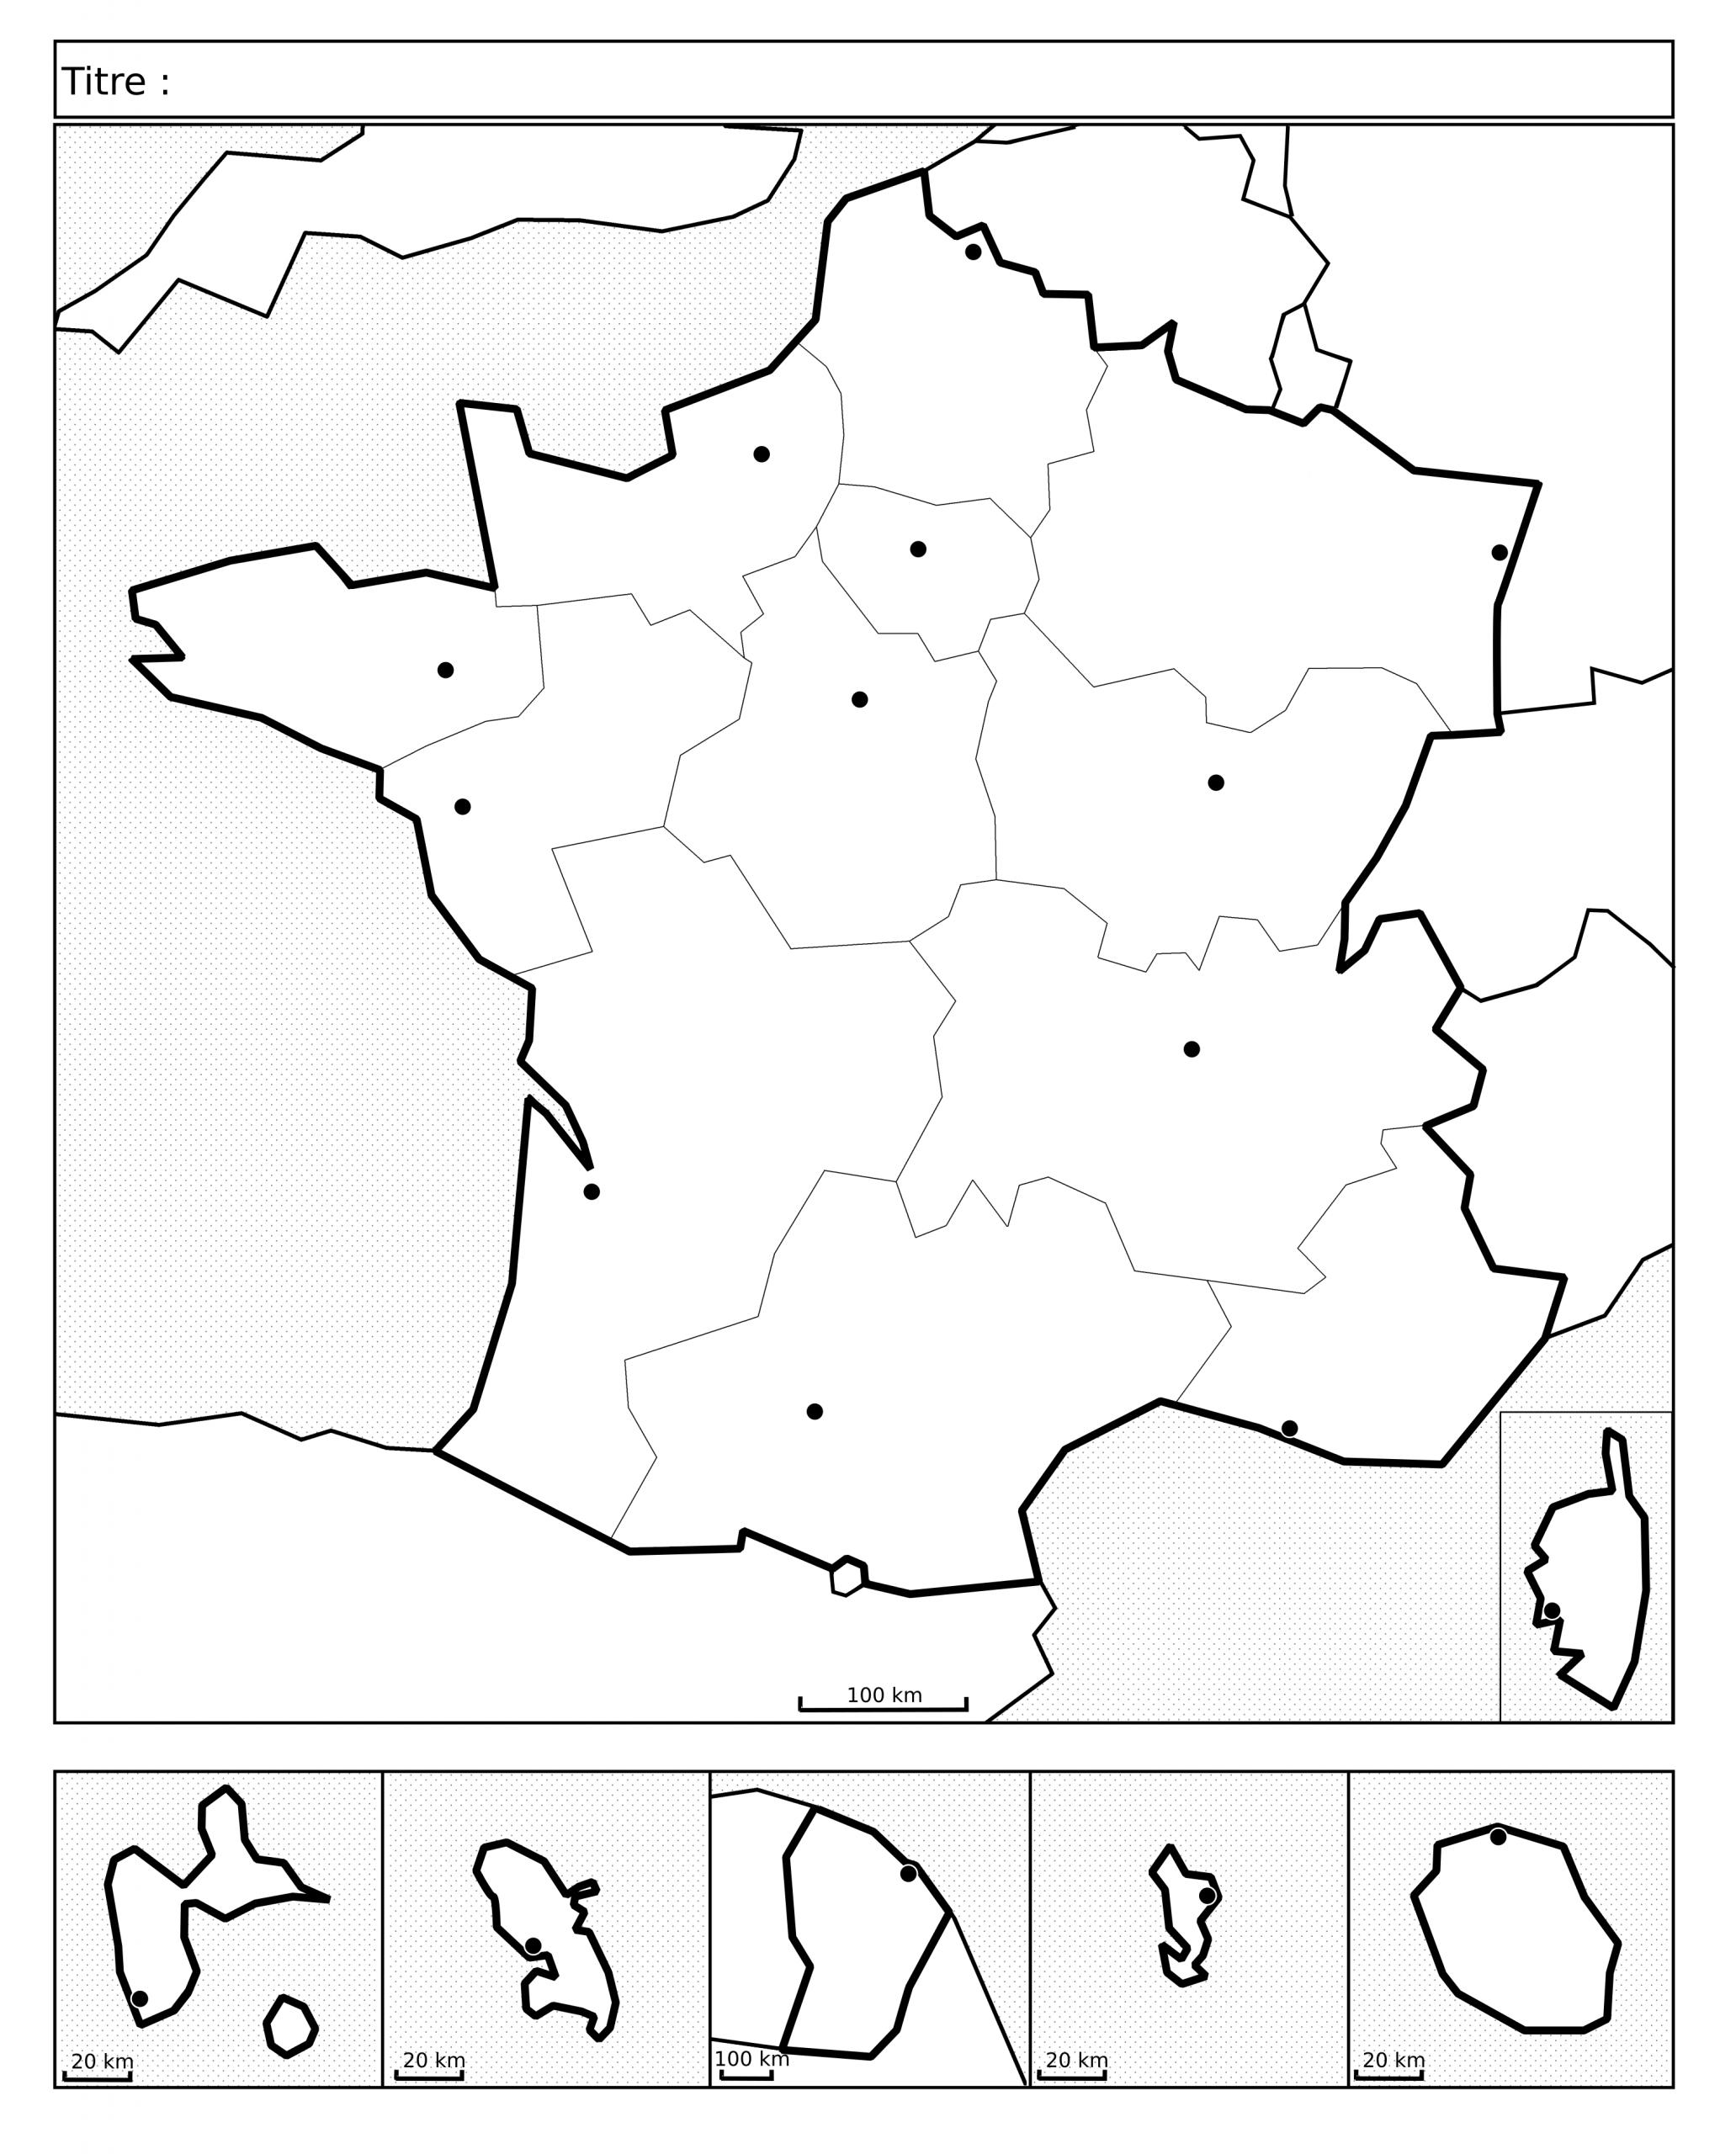 Fonds De Cartes Et Croquis Pour S'entraîner 1/2 | Collège dedans Fond De Carte France Fleuves